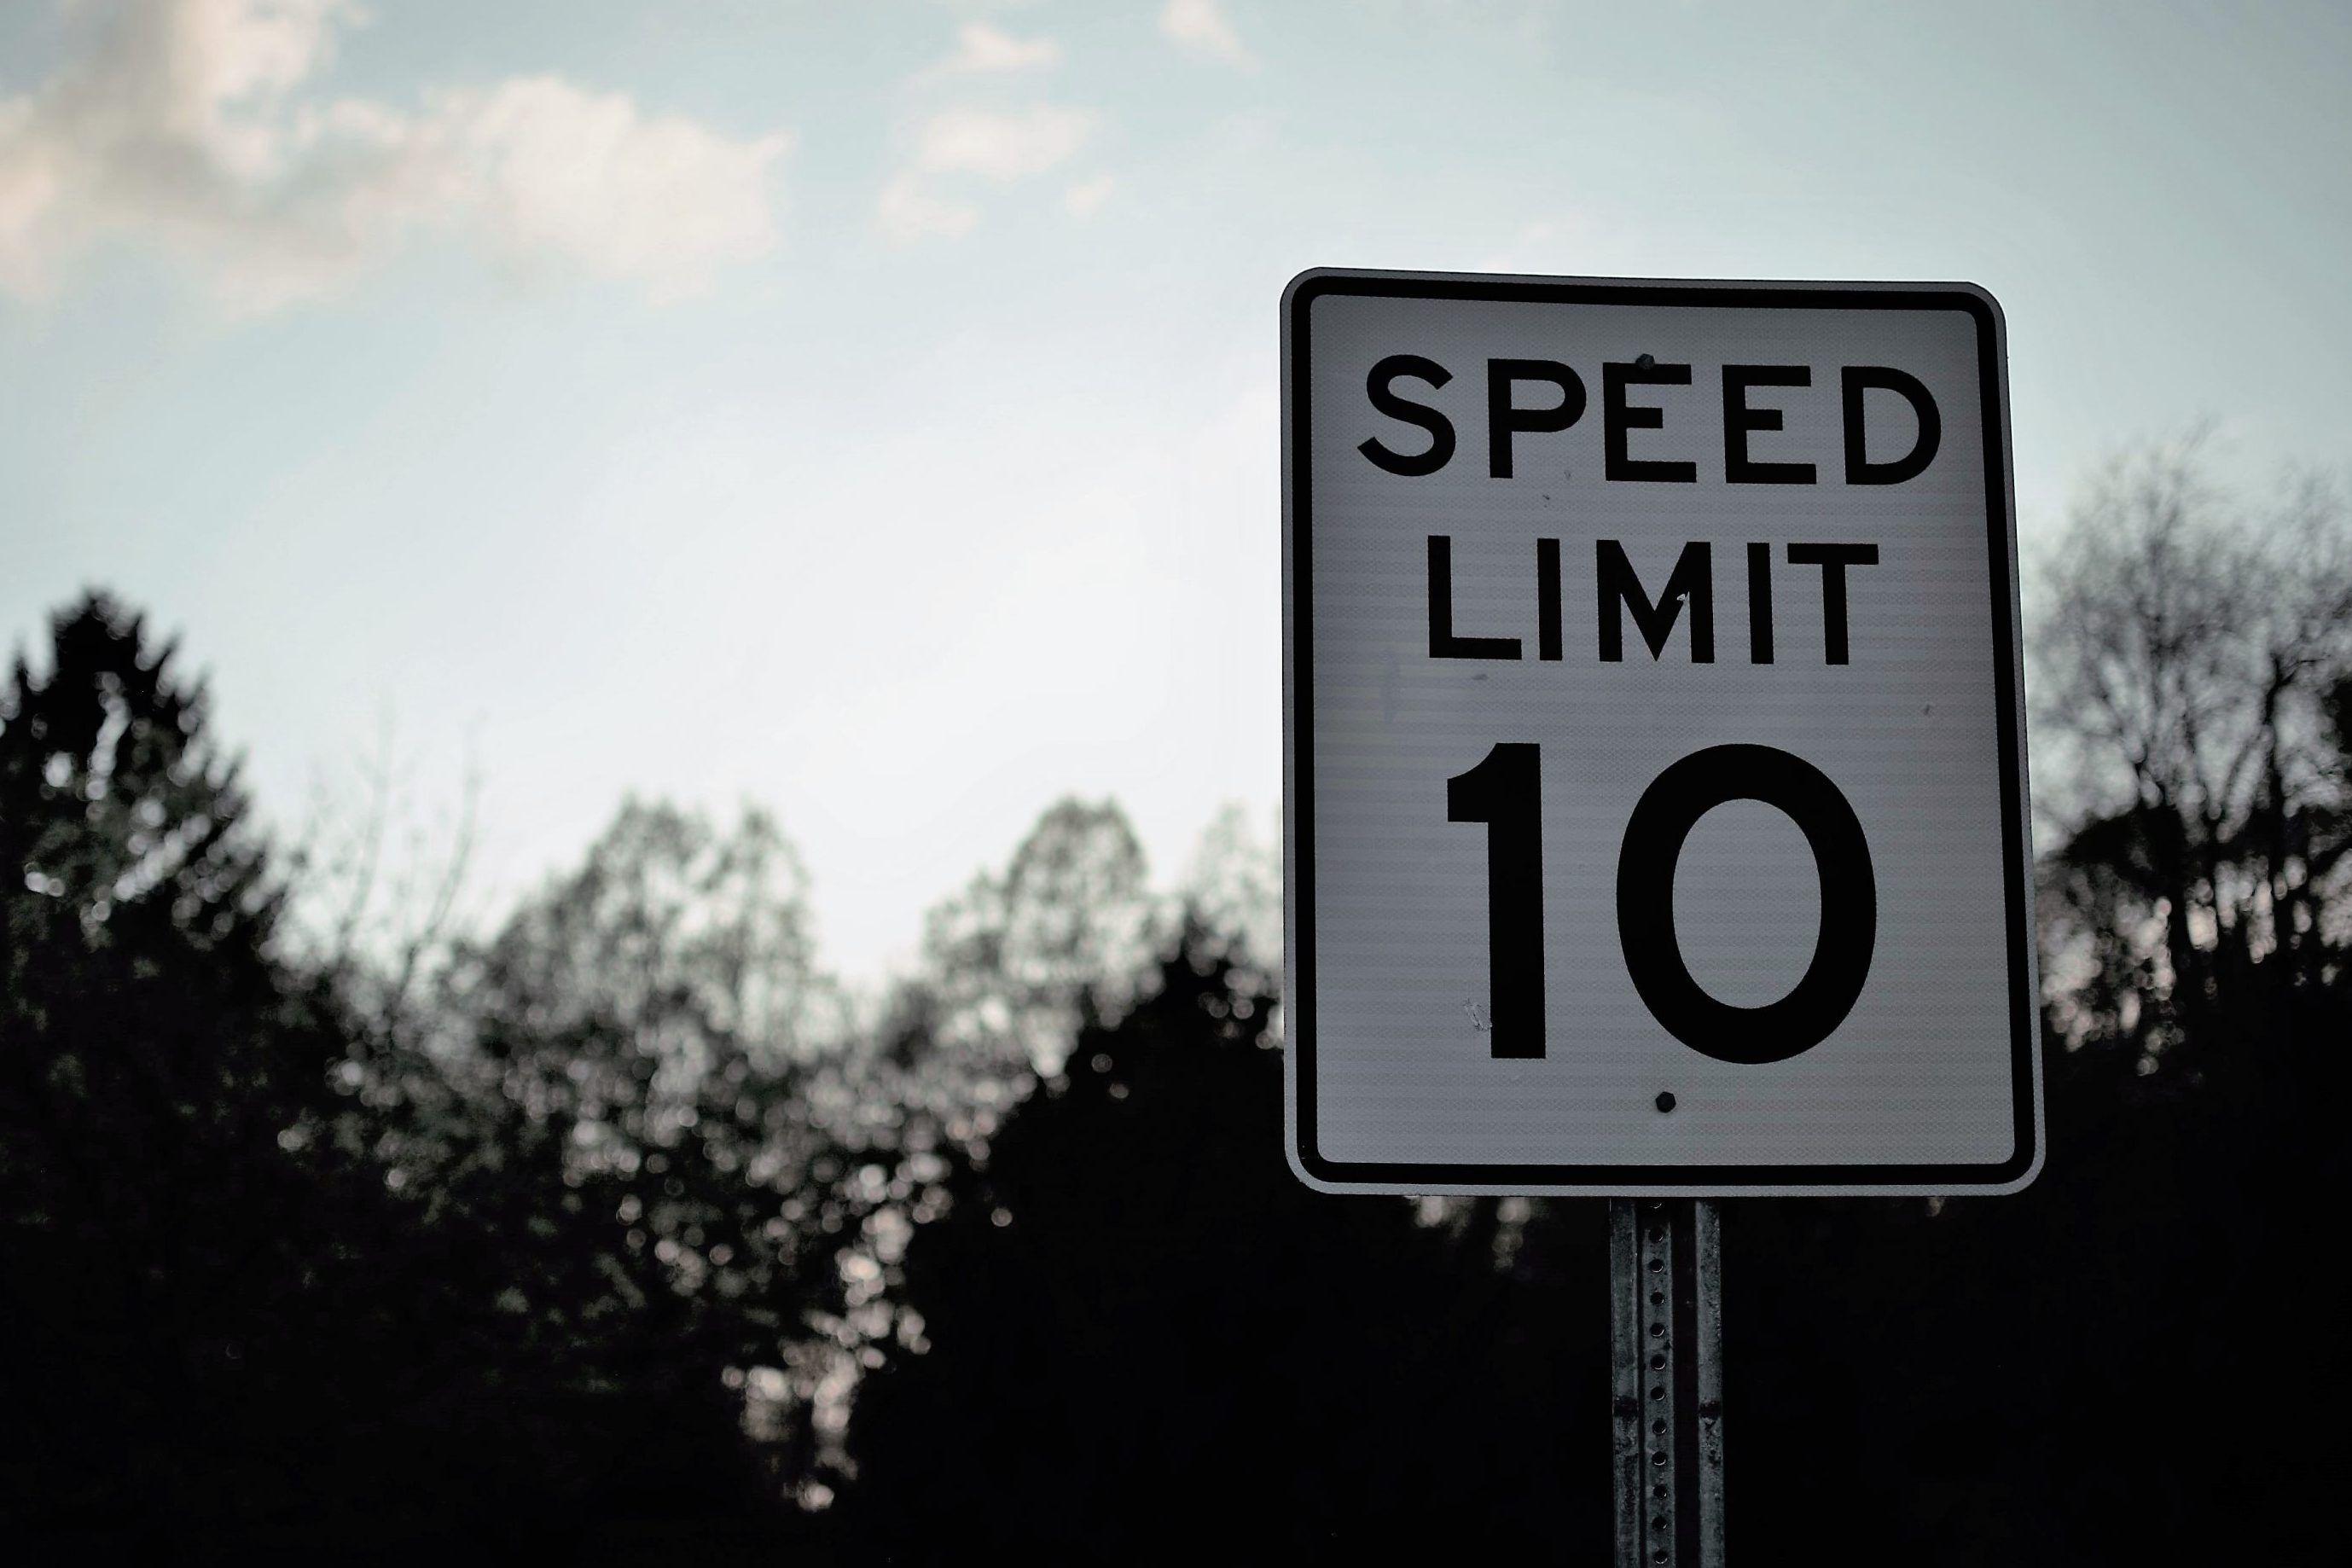 af678306cb70526fb246f3a454c9db87 - Does A Vpn Slow Down Internet Speed